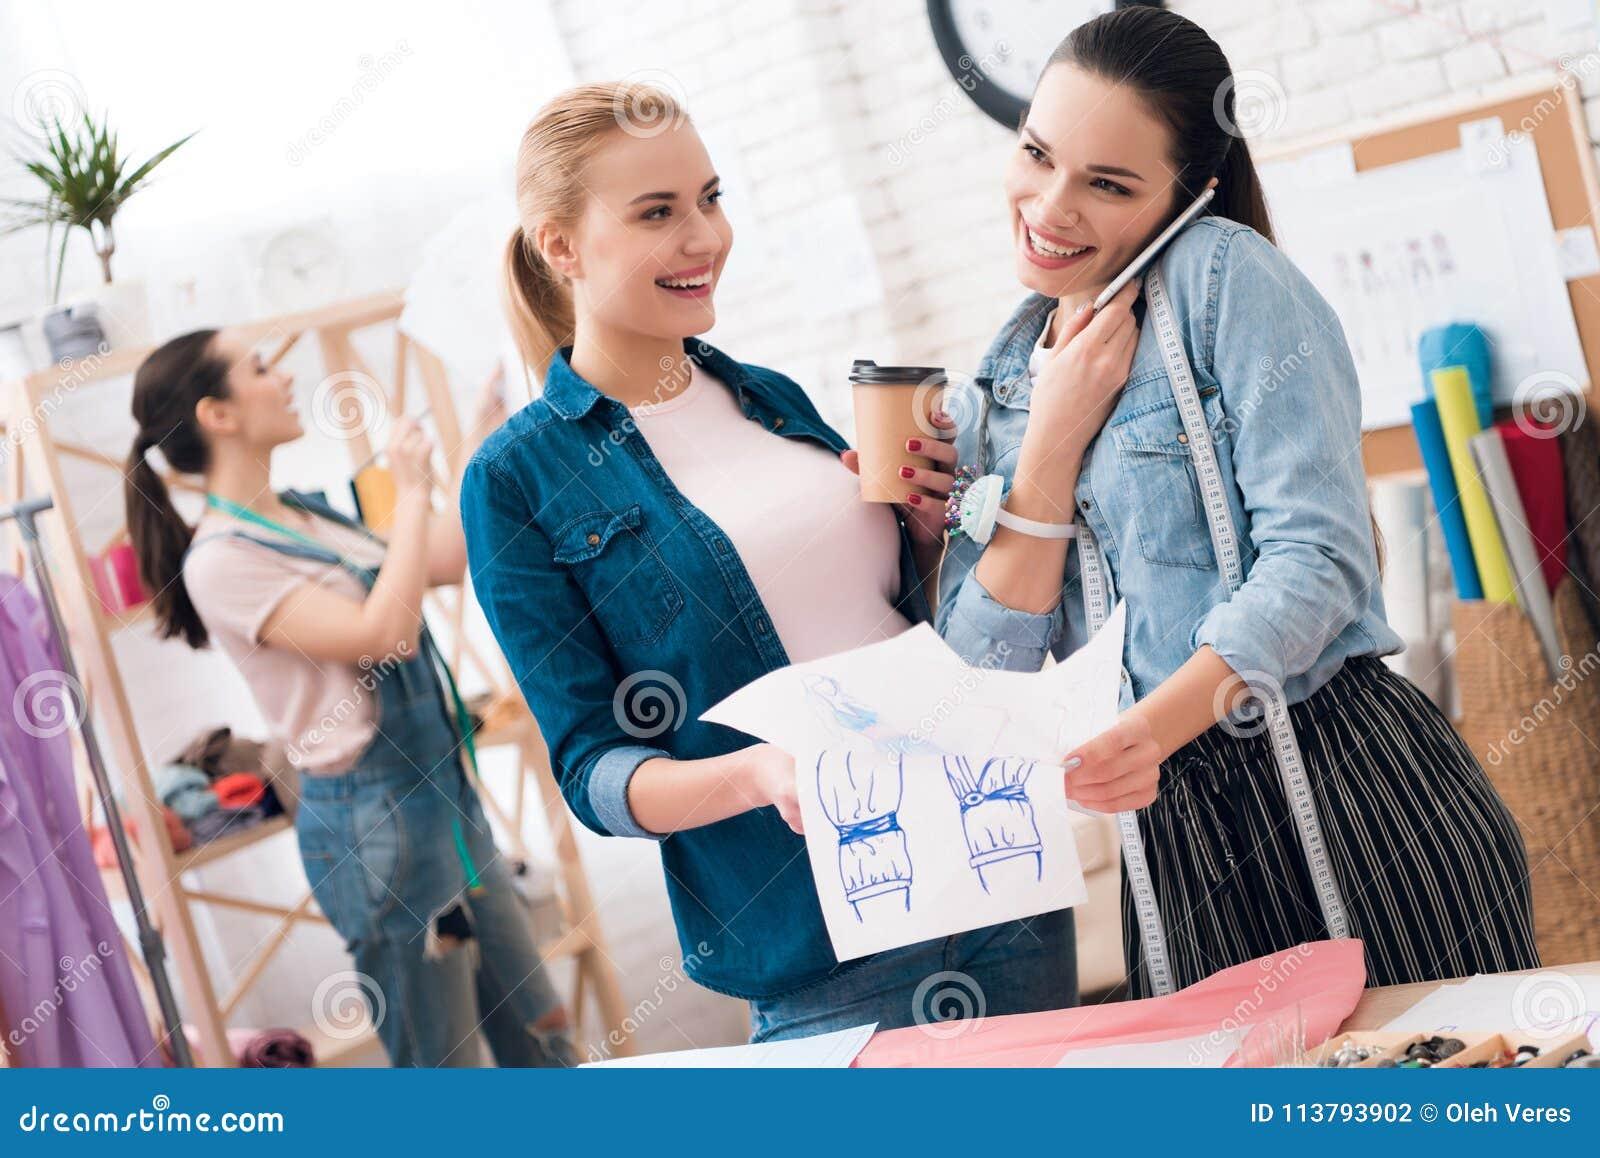 Drei Mädchen an der Kleiderfabrik Sie betrachten Pläne und trinkenden Kaffee